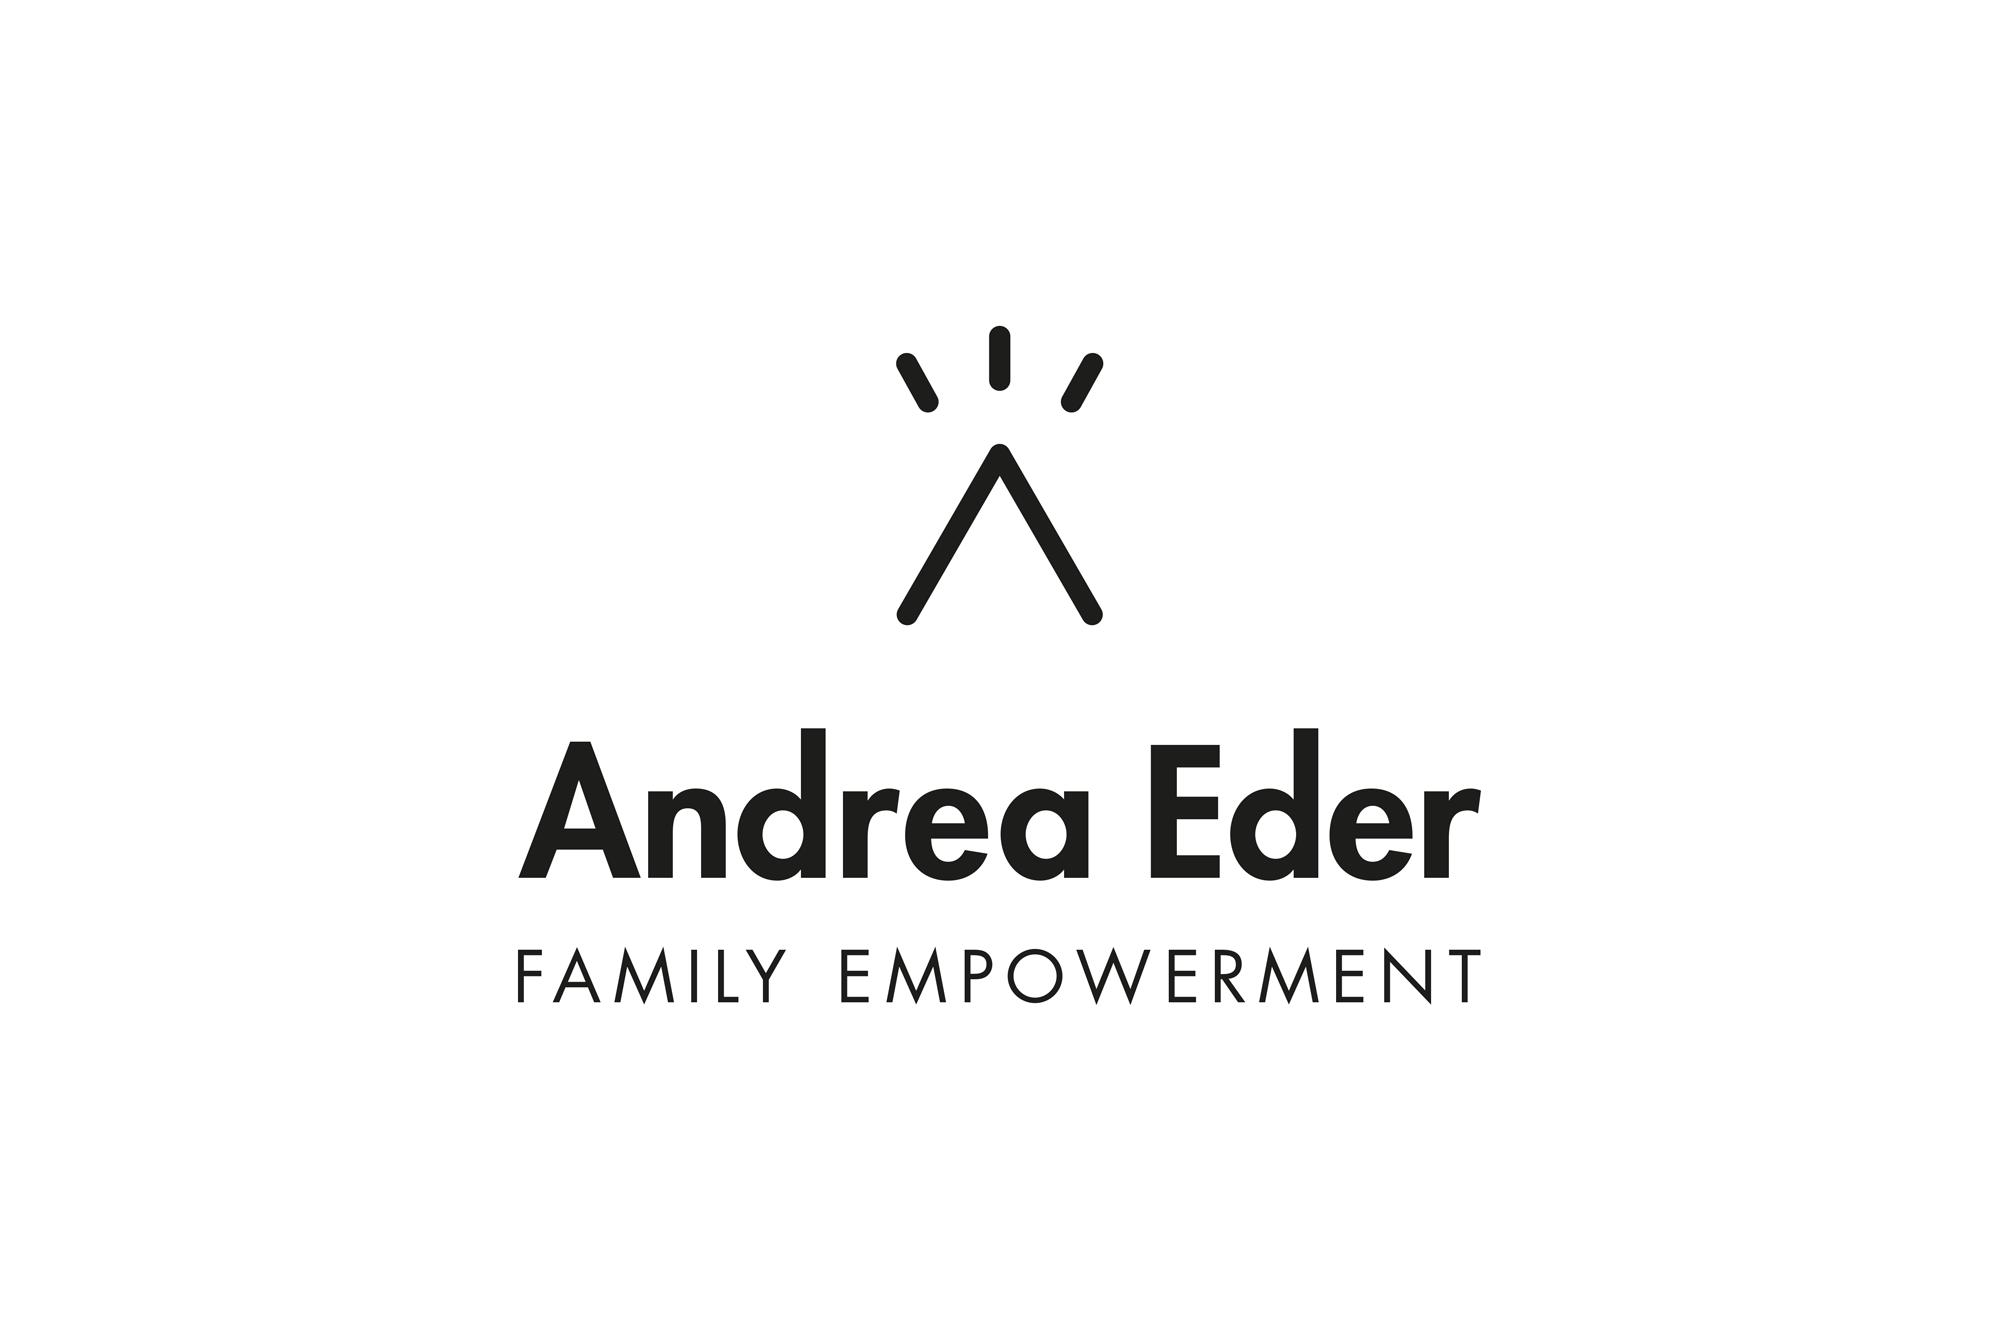 Andrea Eder - Family Empowerment Logo